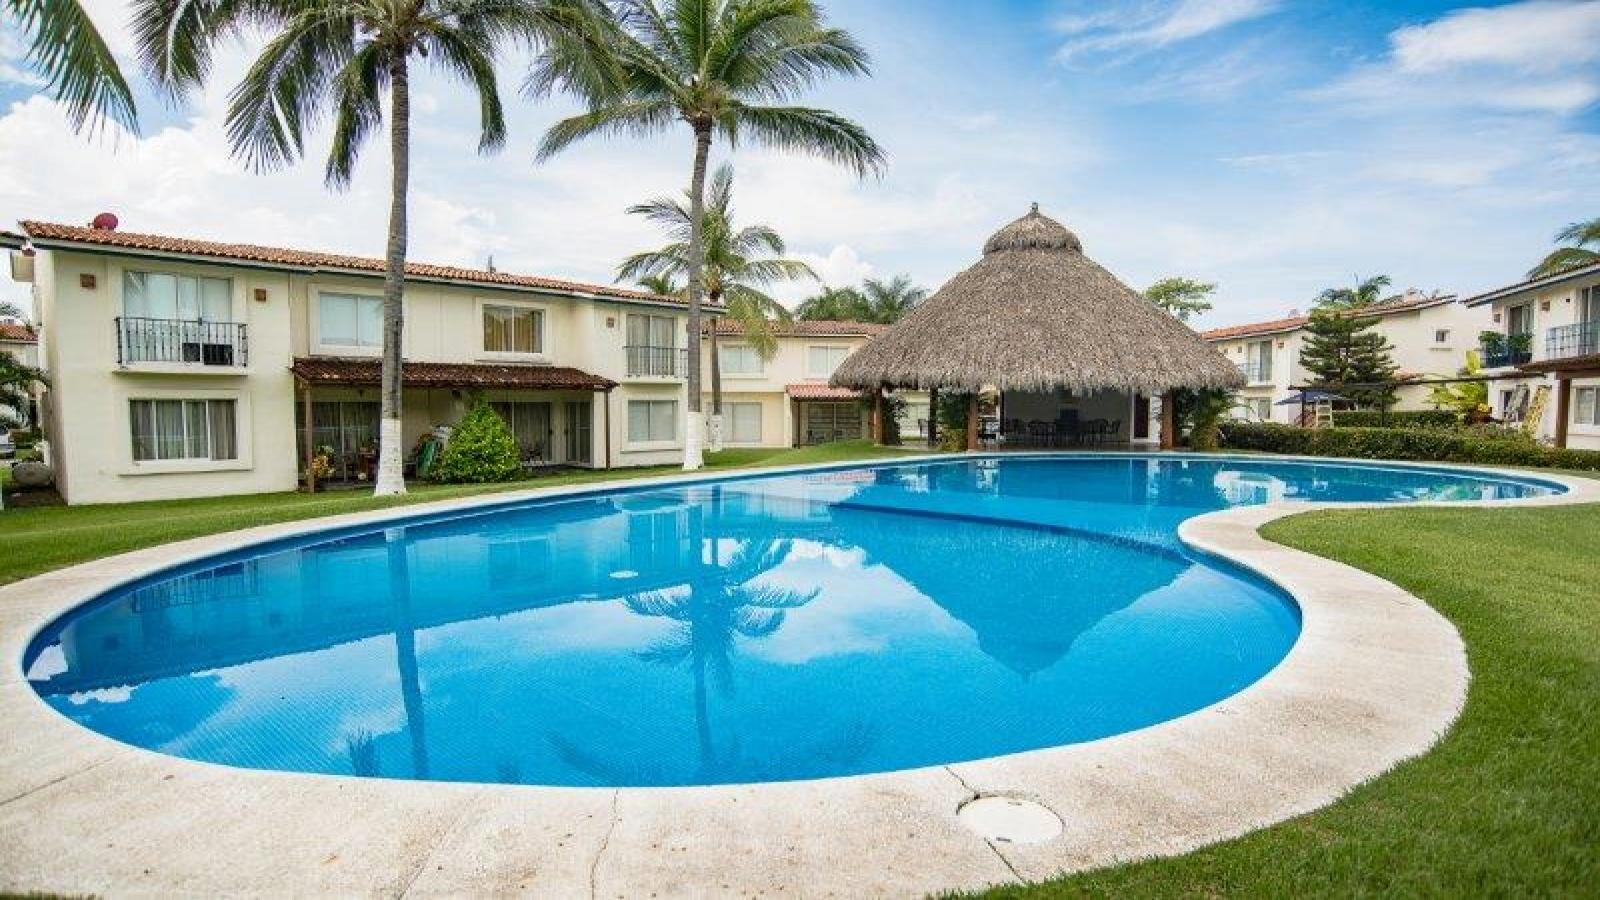 House in  Marina Vallarta Villas Fairway